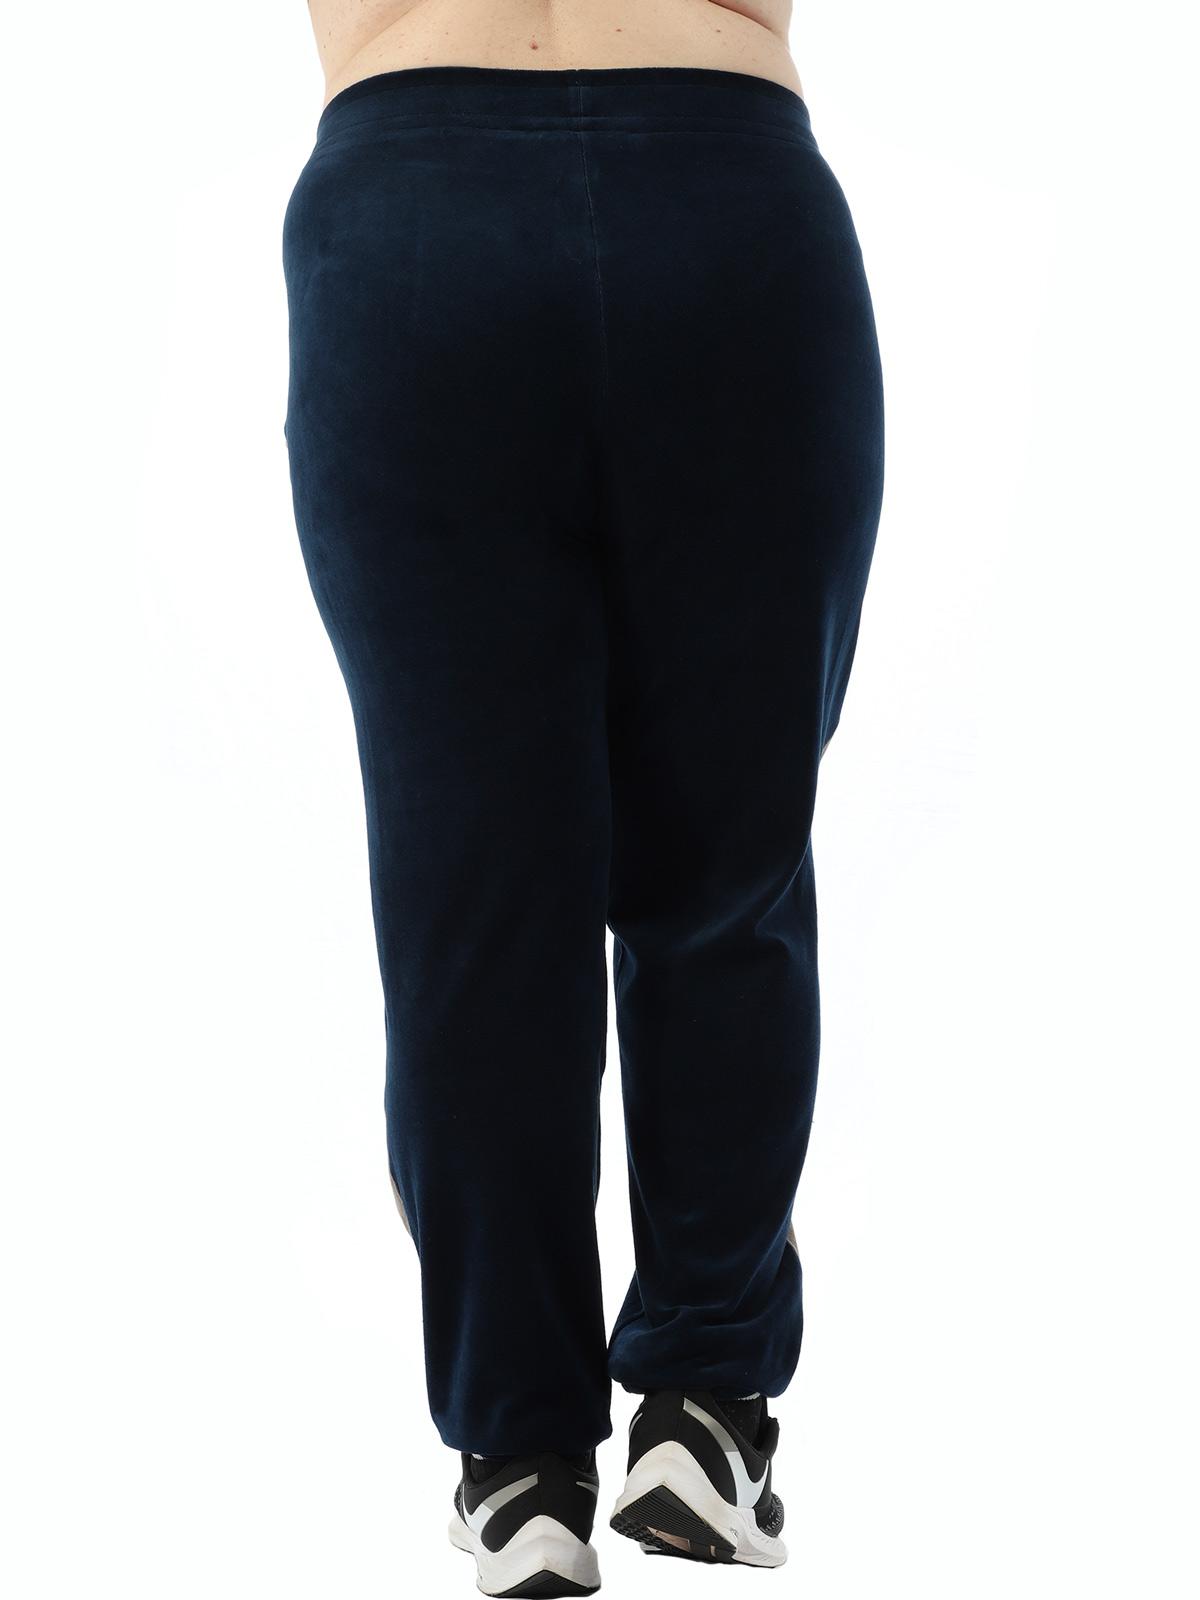 Calça Plus Size Feminina Com faixa Lateral De Plush Marinho